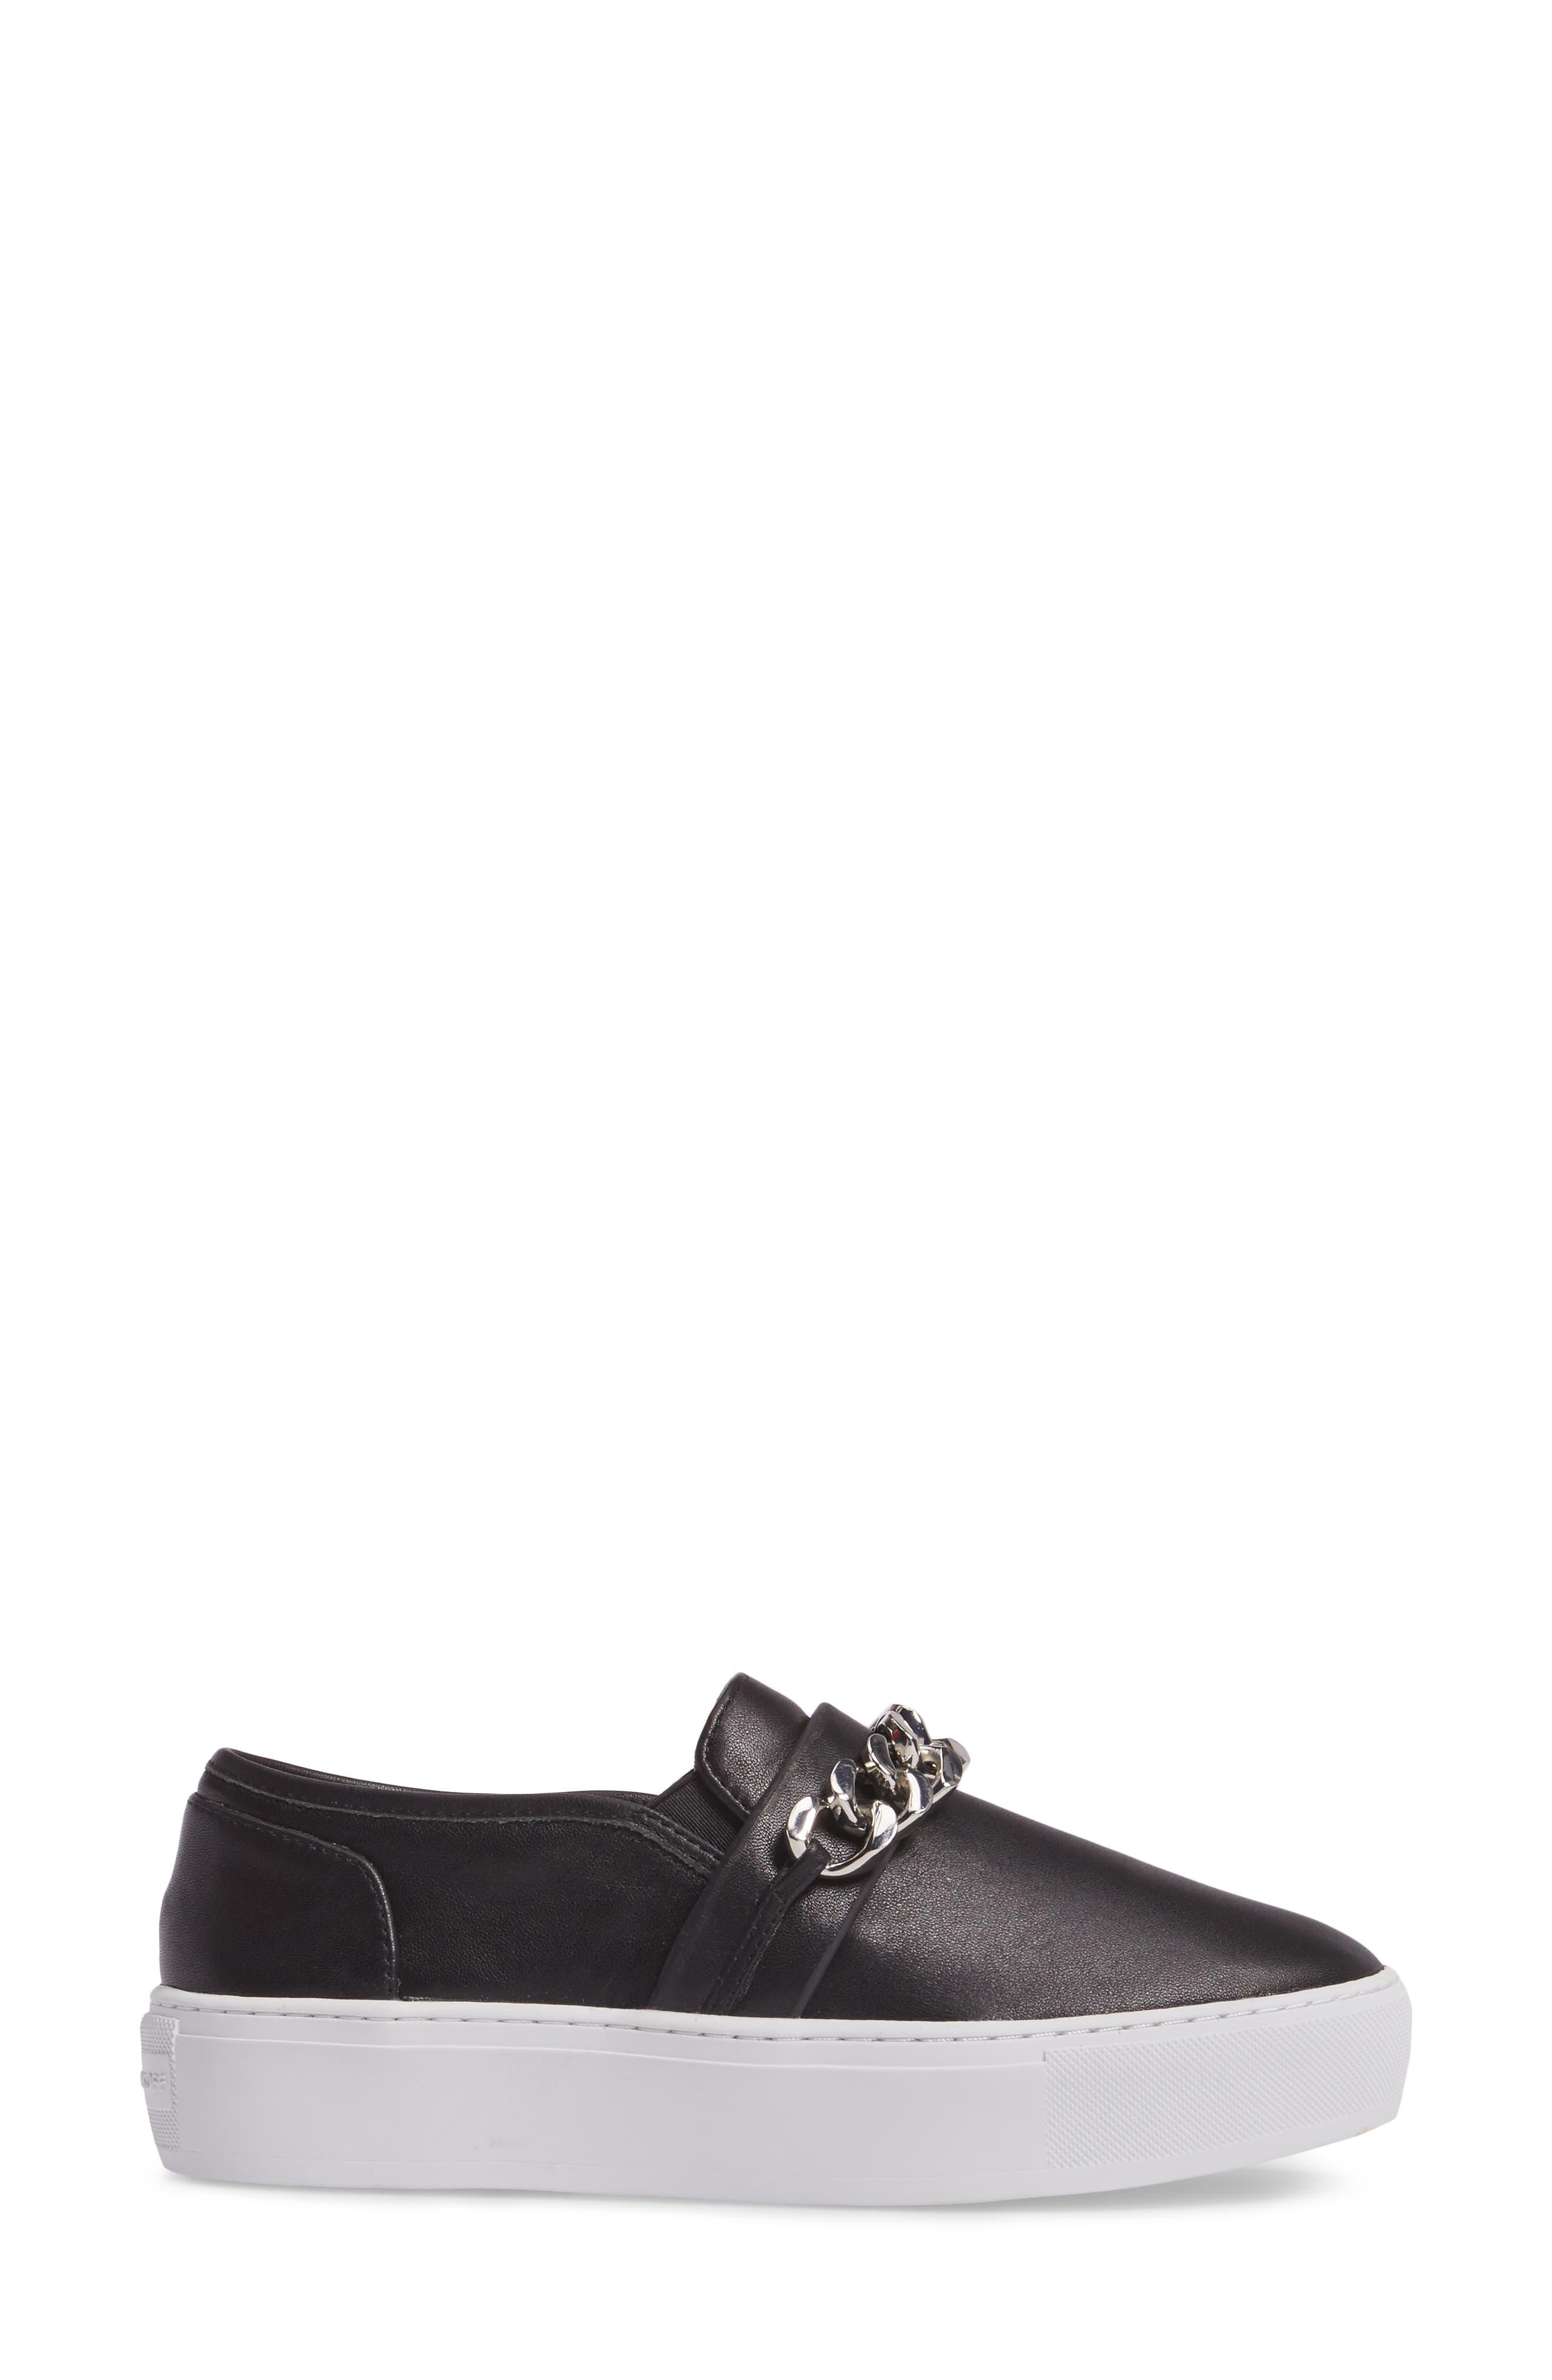 Nala Slip-On Sneaker,                             Alternate thumbnail 3, color,                             Black Leather